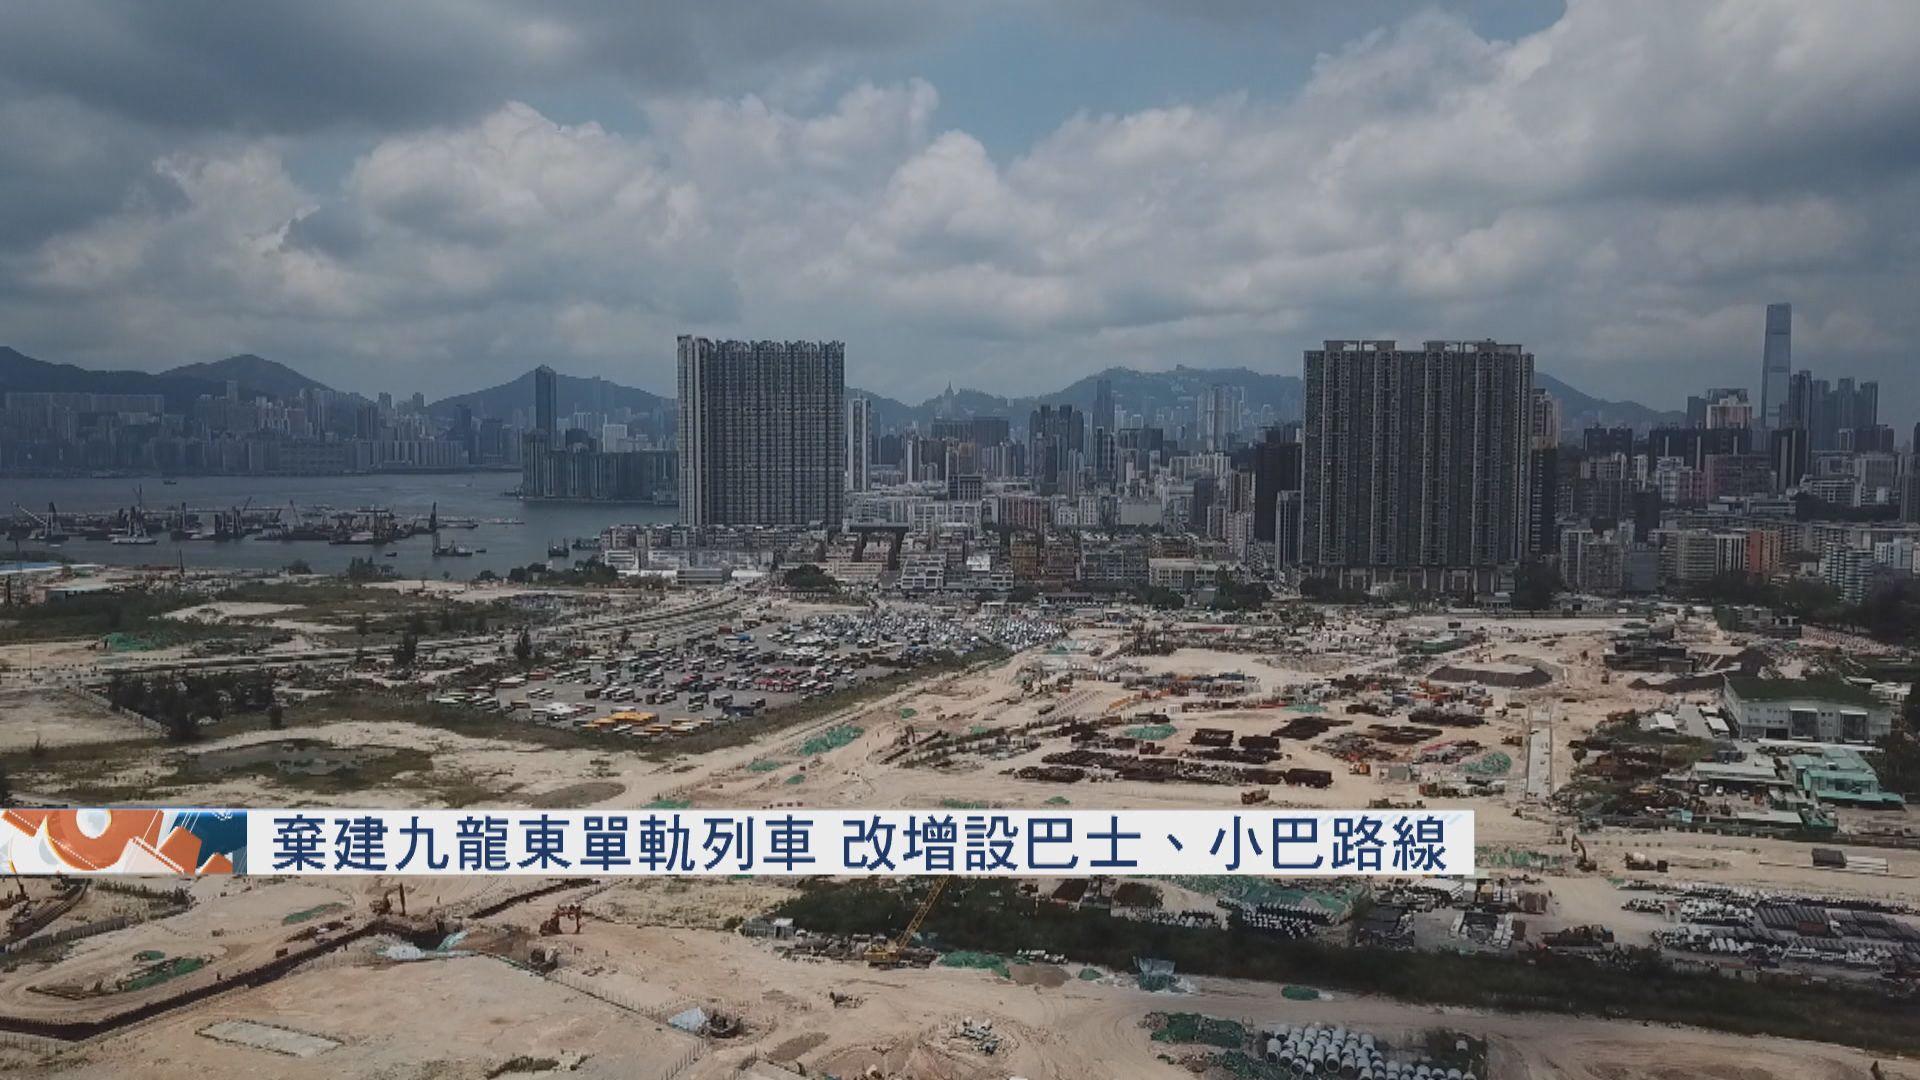 棄建九龍東單軌列車 改增設巴士、小巴路線